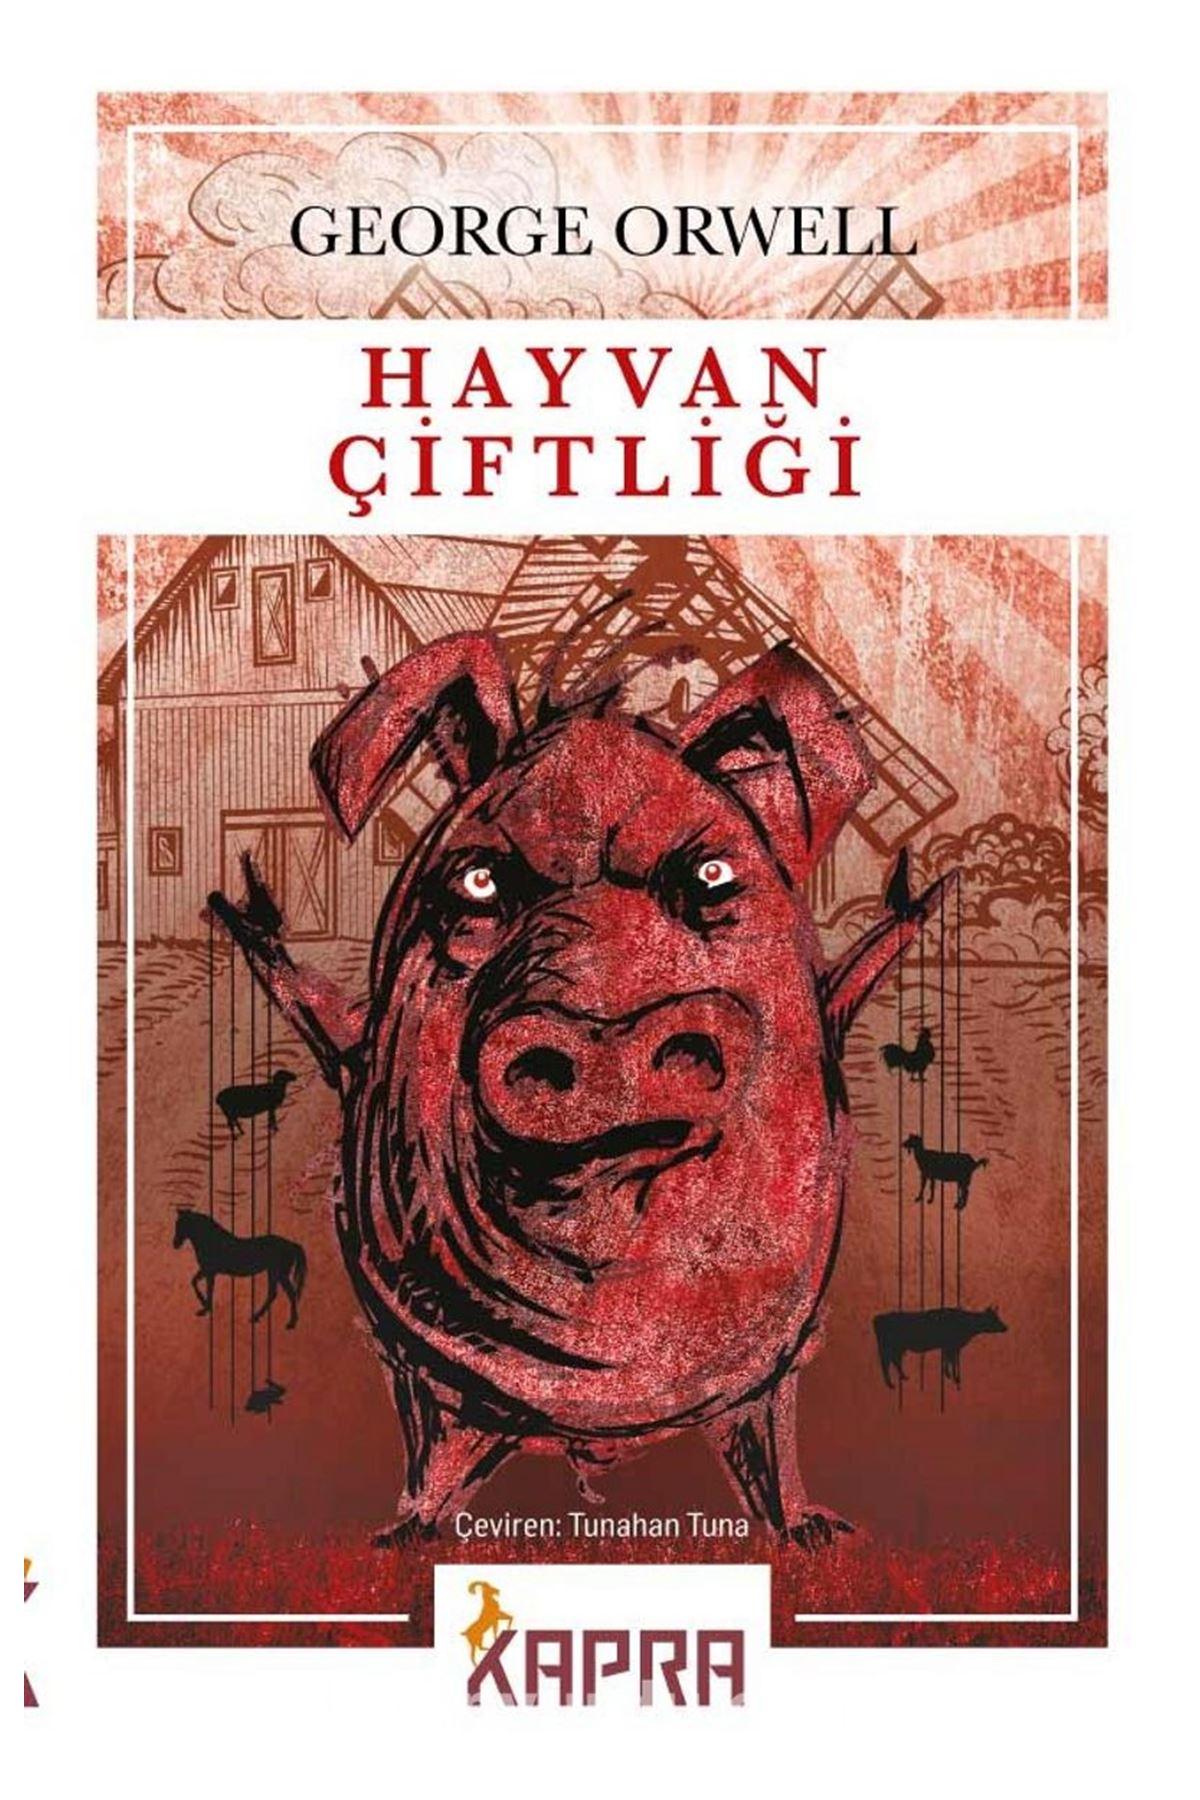 GEORGE ORWLL - HAYVAN ÇİFTLİĞİ